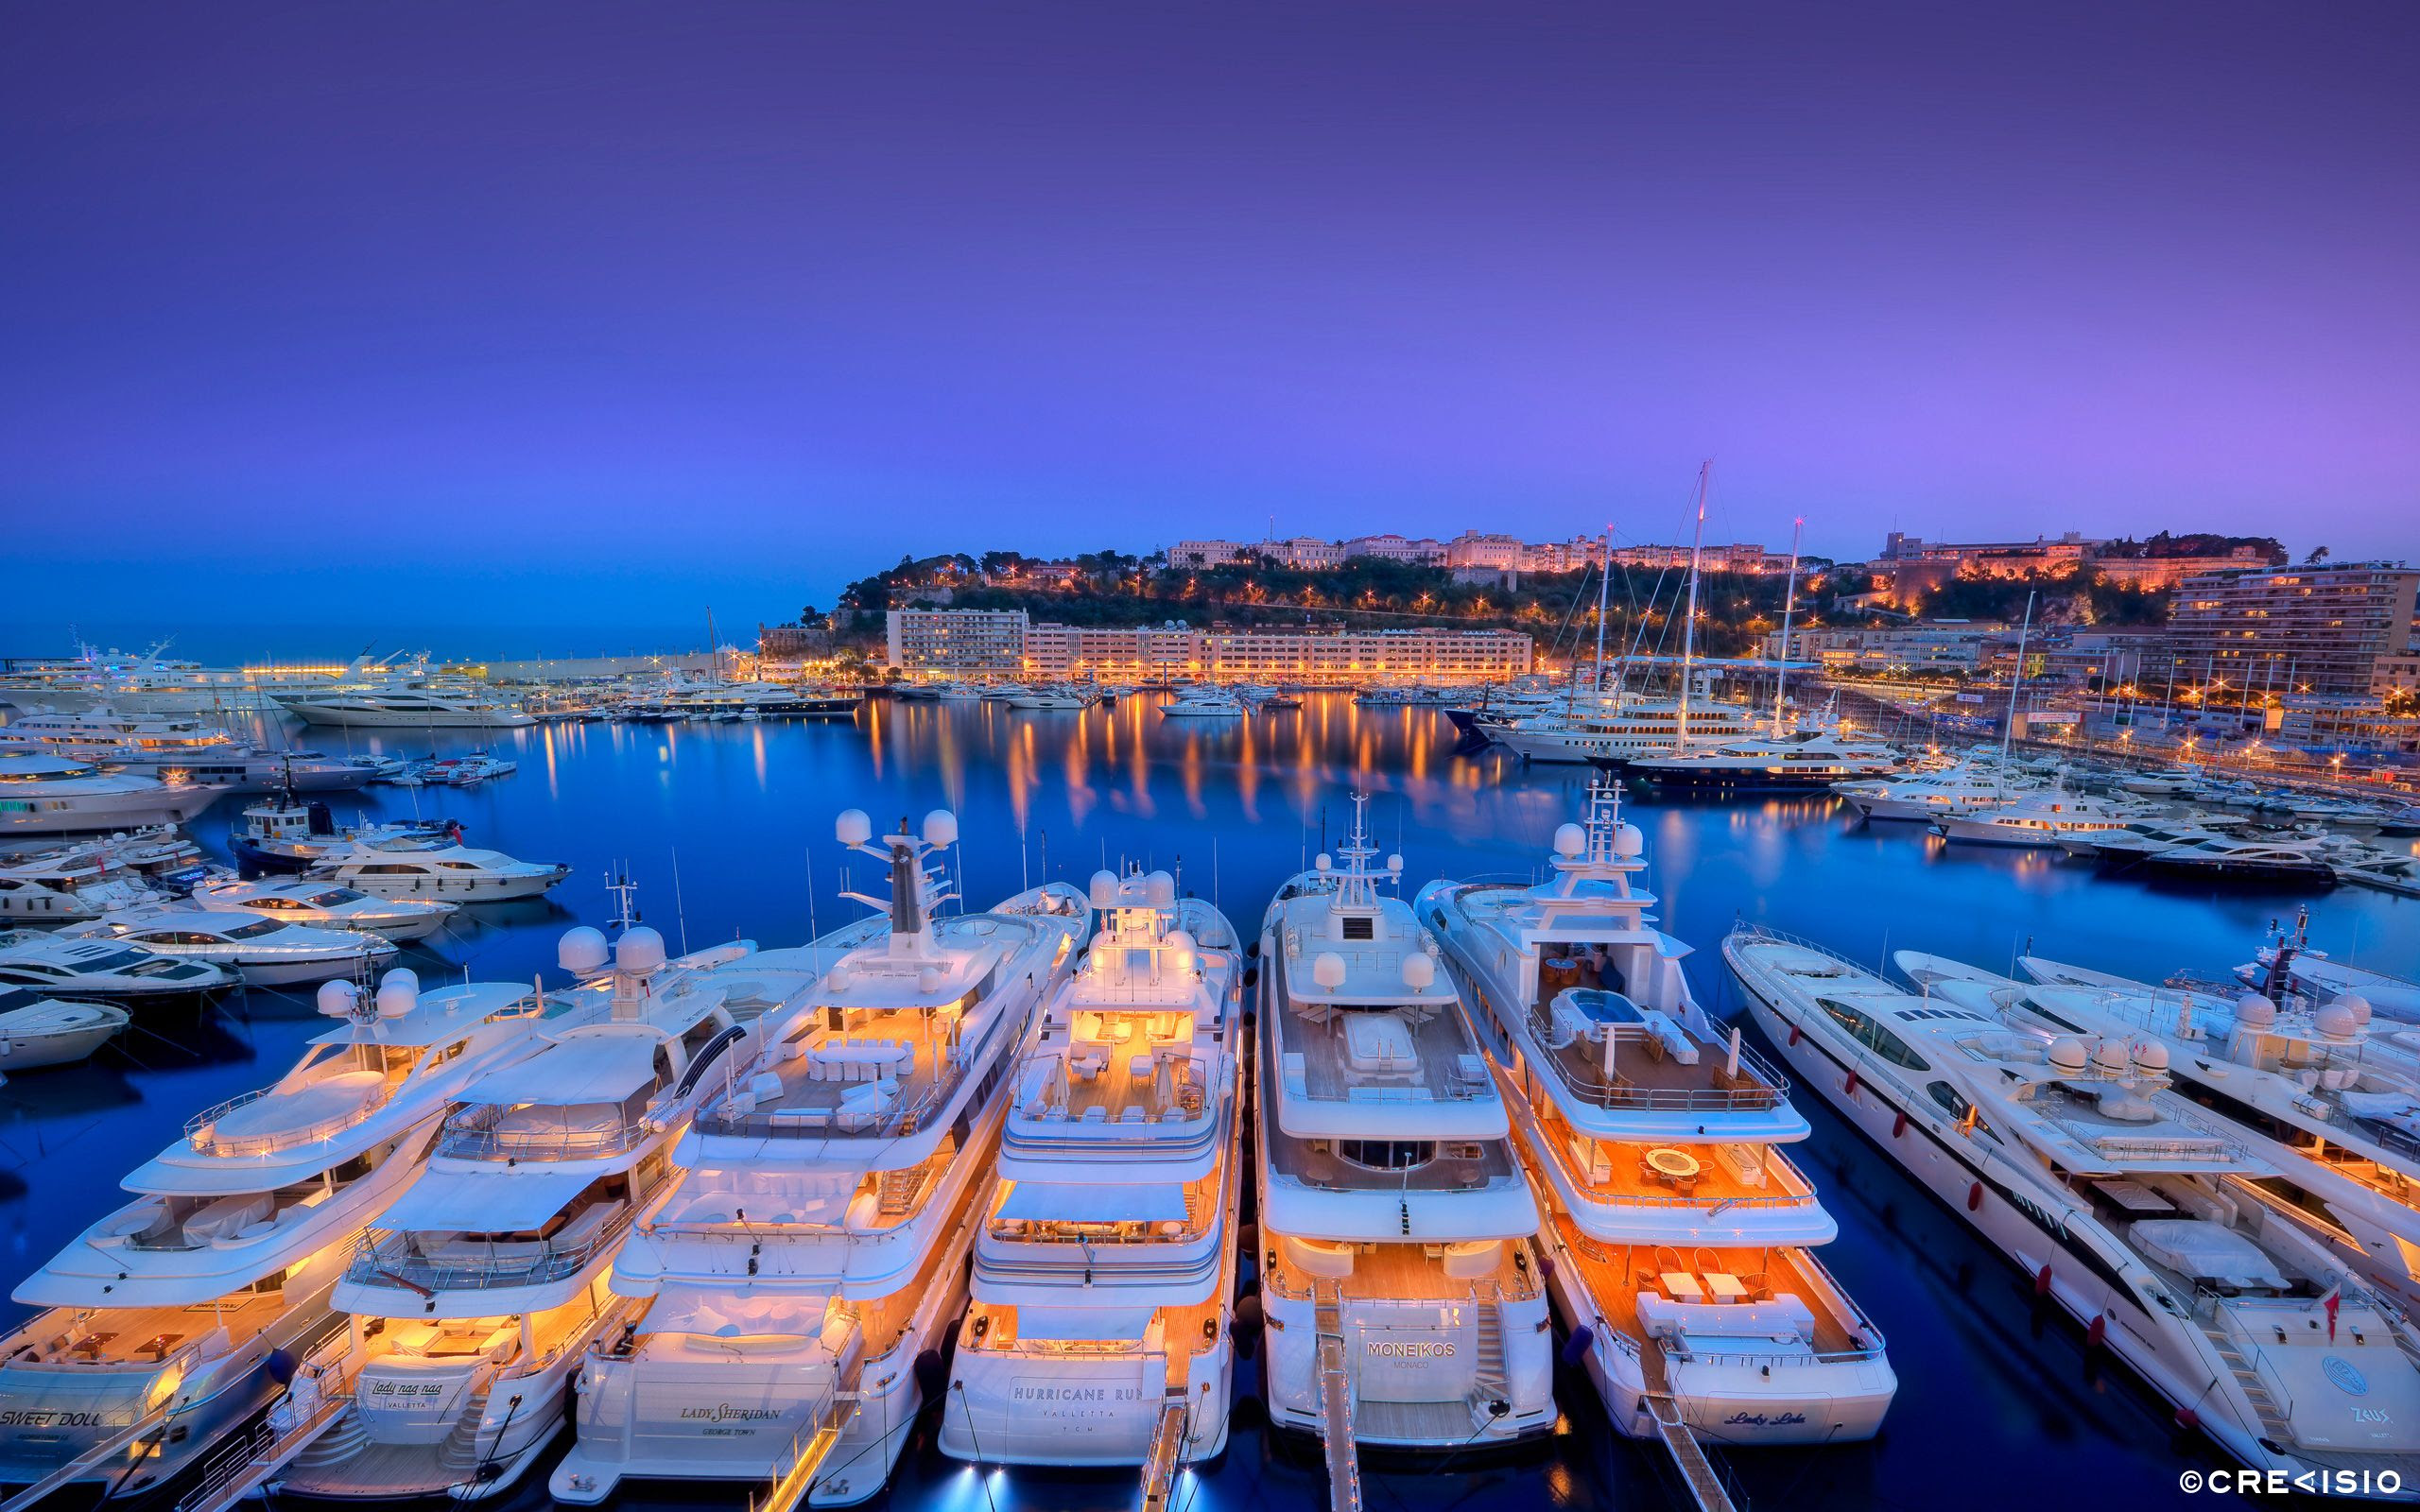 Монте-Карло (Monte-Carlo) — район в малюсеньком княжестве Монако, знаменитый своим казино, а также ежегодно проходящим здесь ралли «Формула 1».Монте-Карло считается самым престижным и респектабельным казино мира.Место, переполненное людьми, эмоциями и шиком.